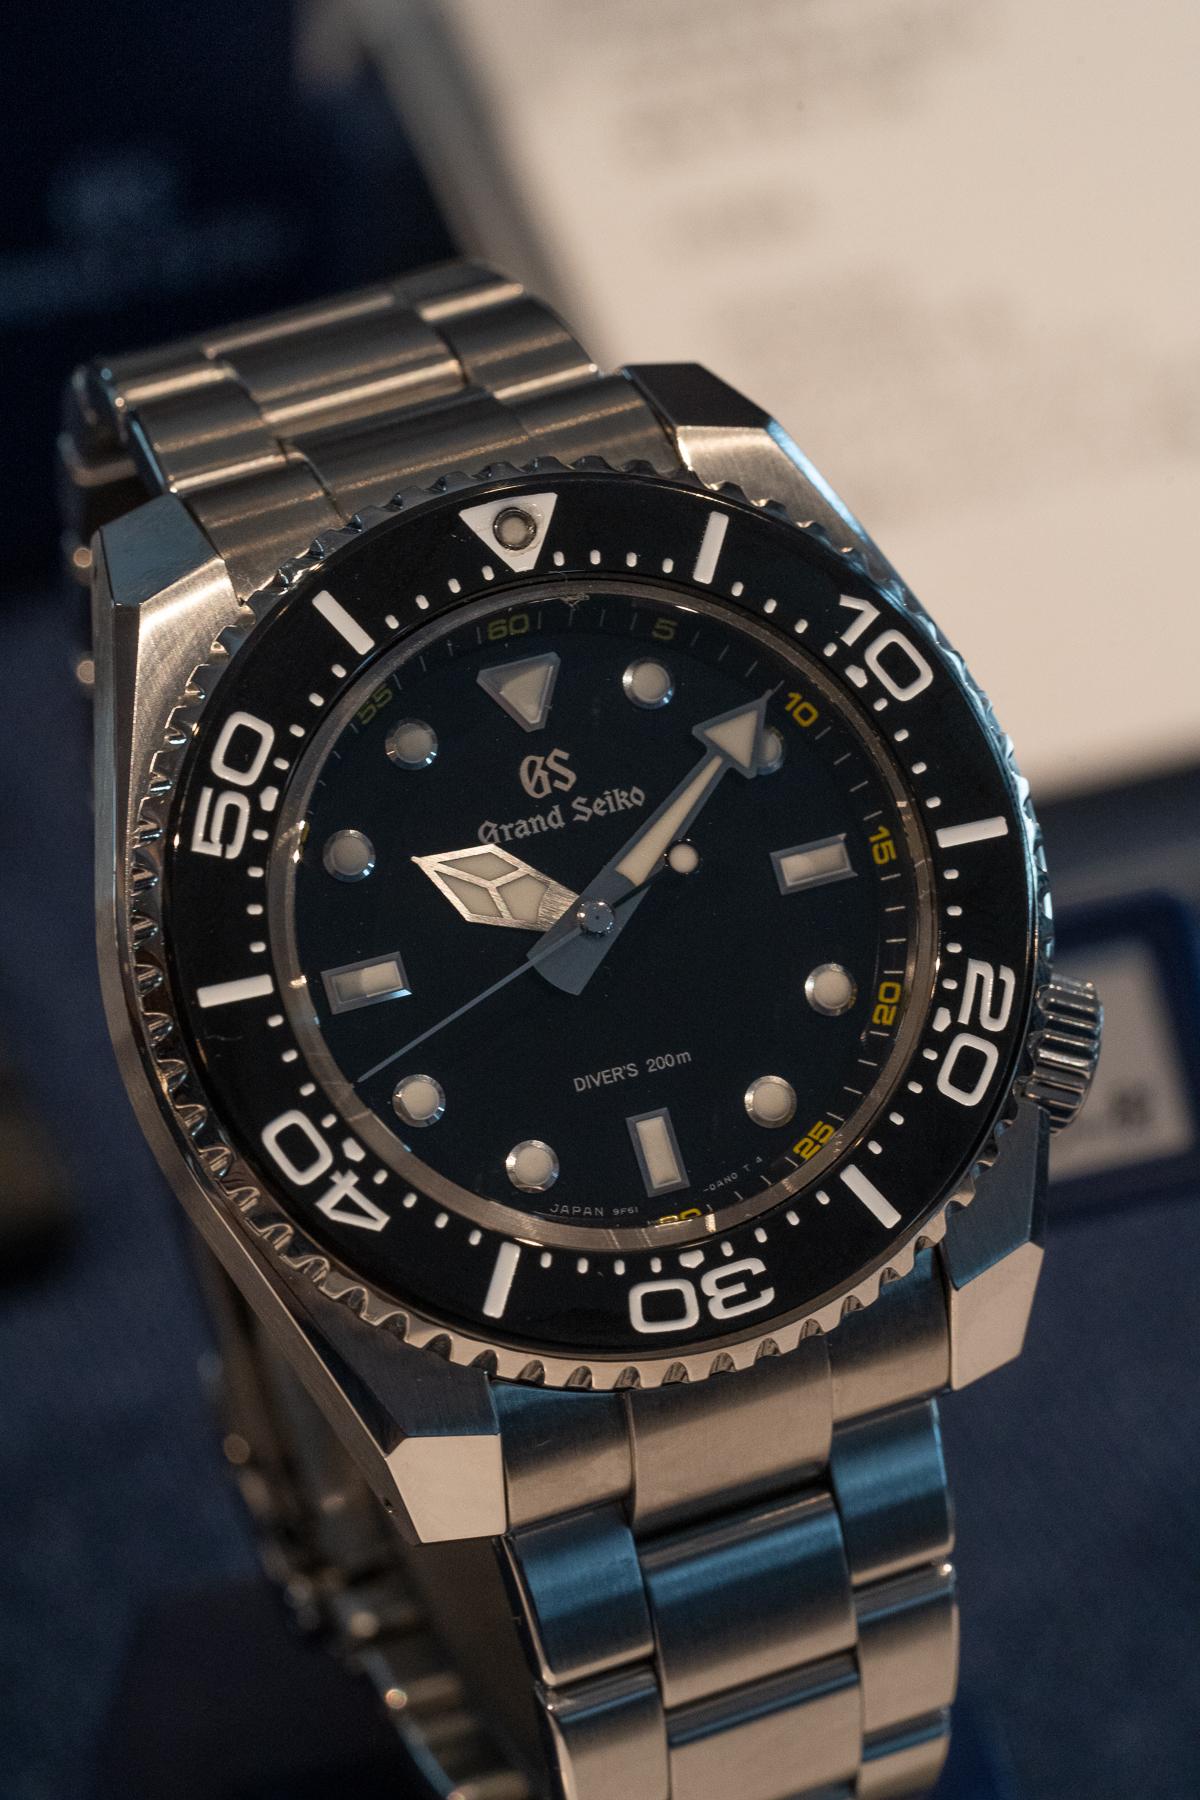 SBGX335